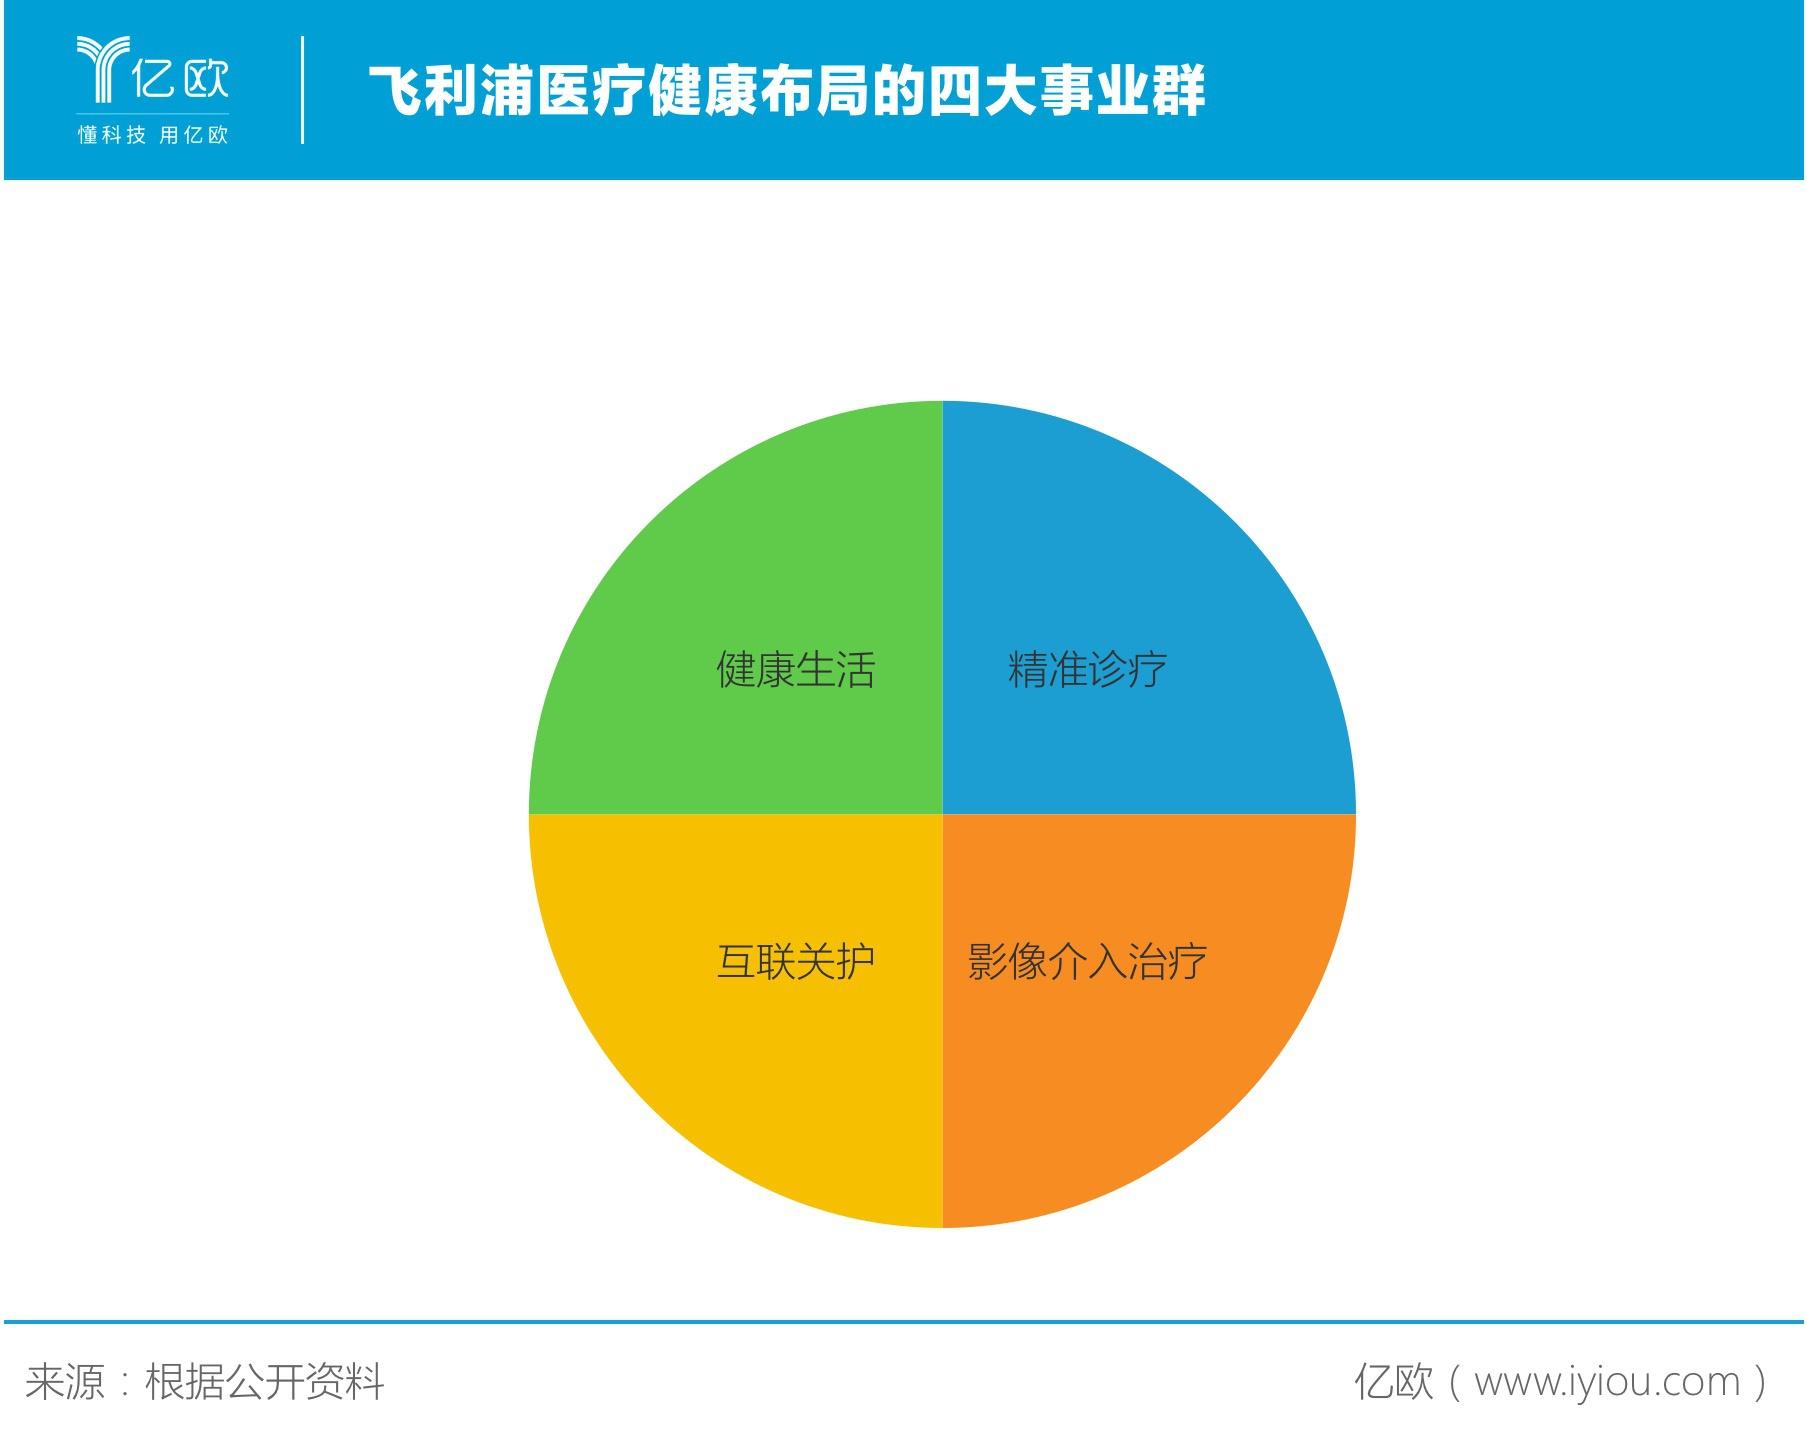 飞利浦中国:再度转型,攻进智慧医疗